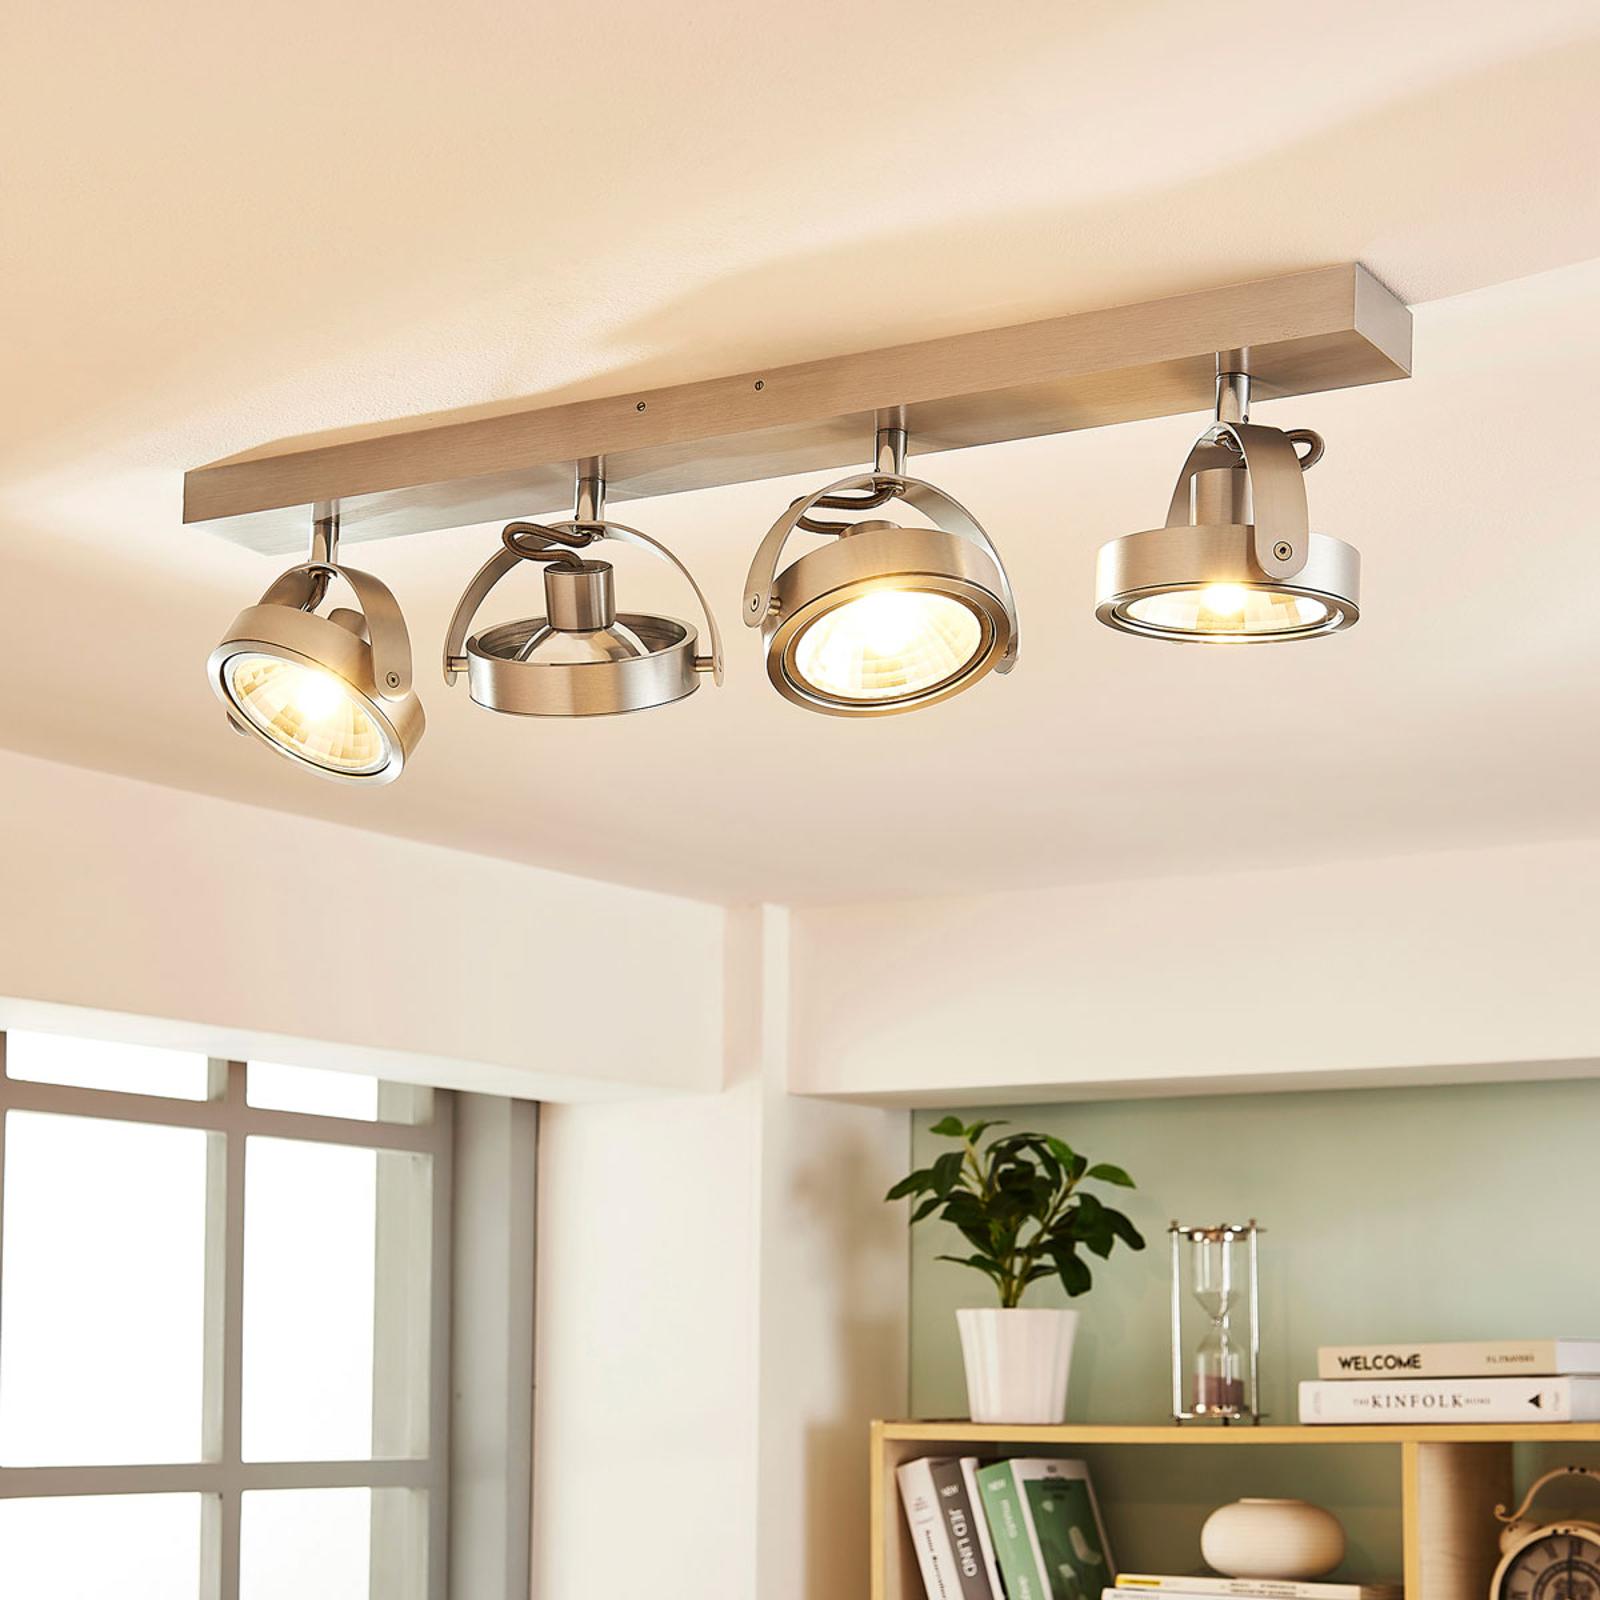 4-flammige LED-Deckenleuchte Lieven, alu